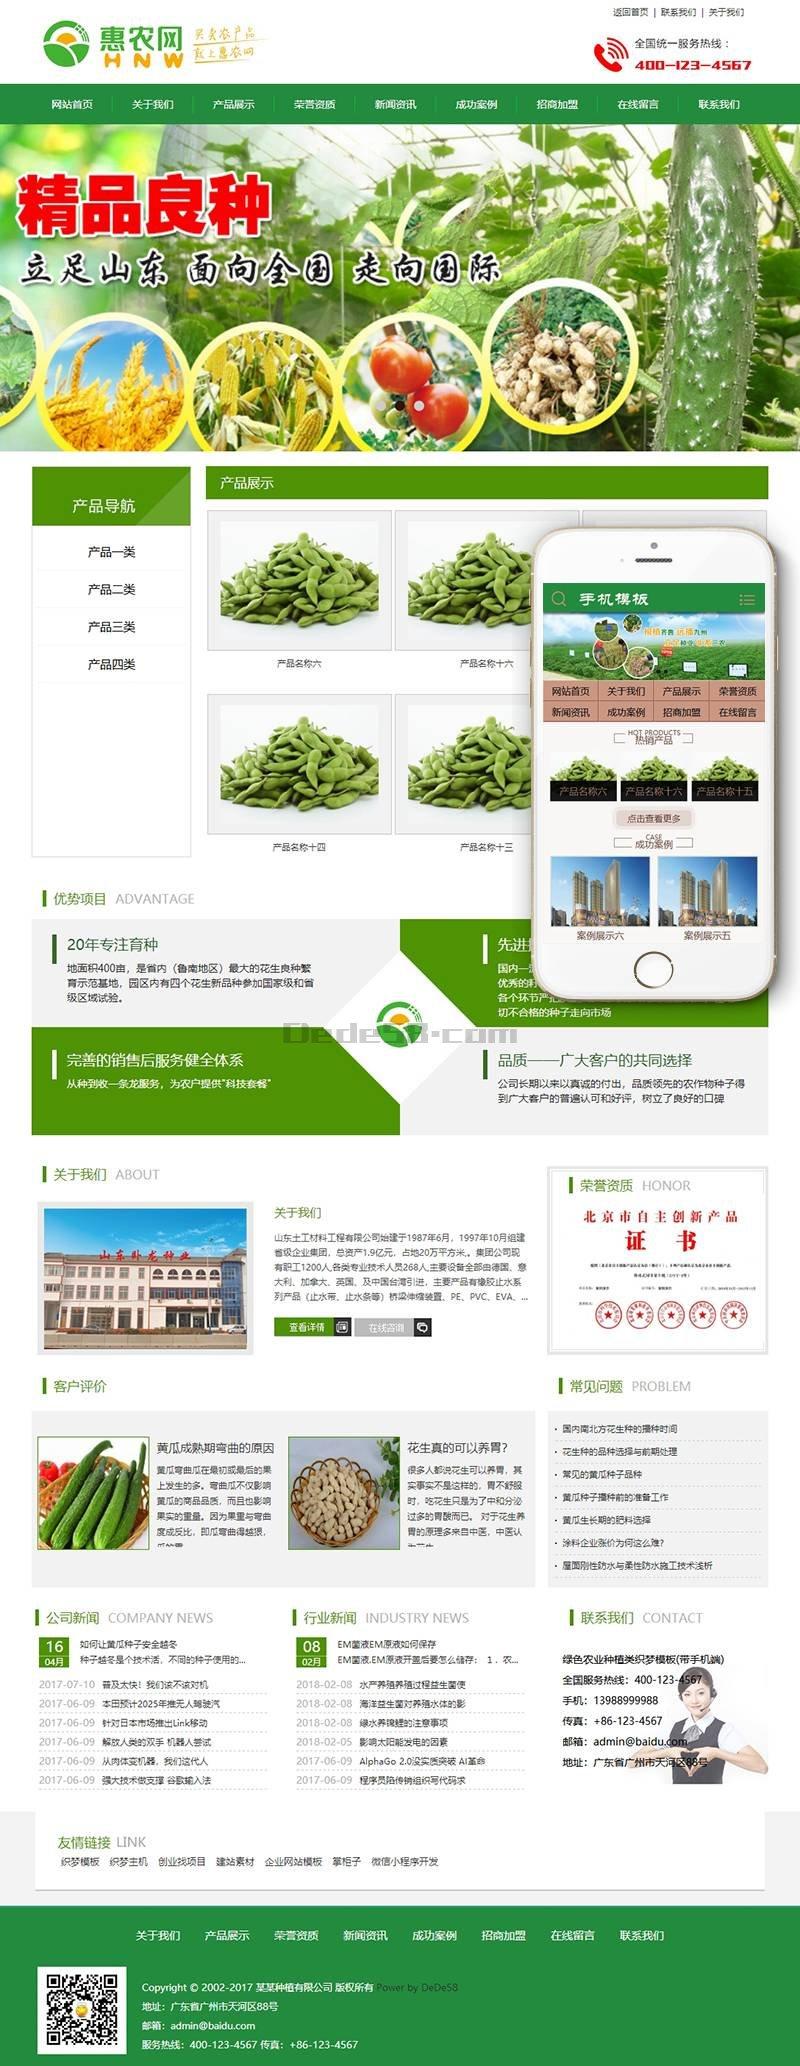 长沙网络营销公司开发的绿色农业种植头头信誉_惠农网